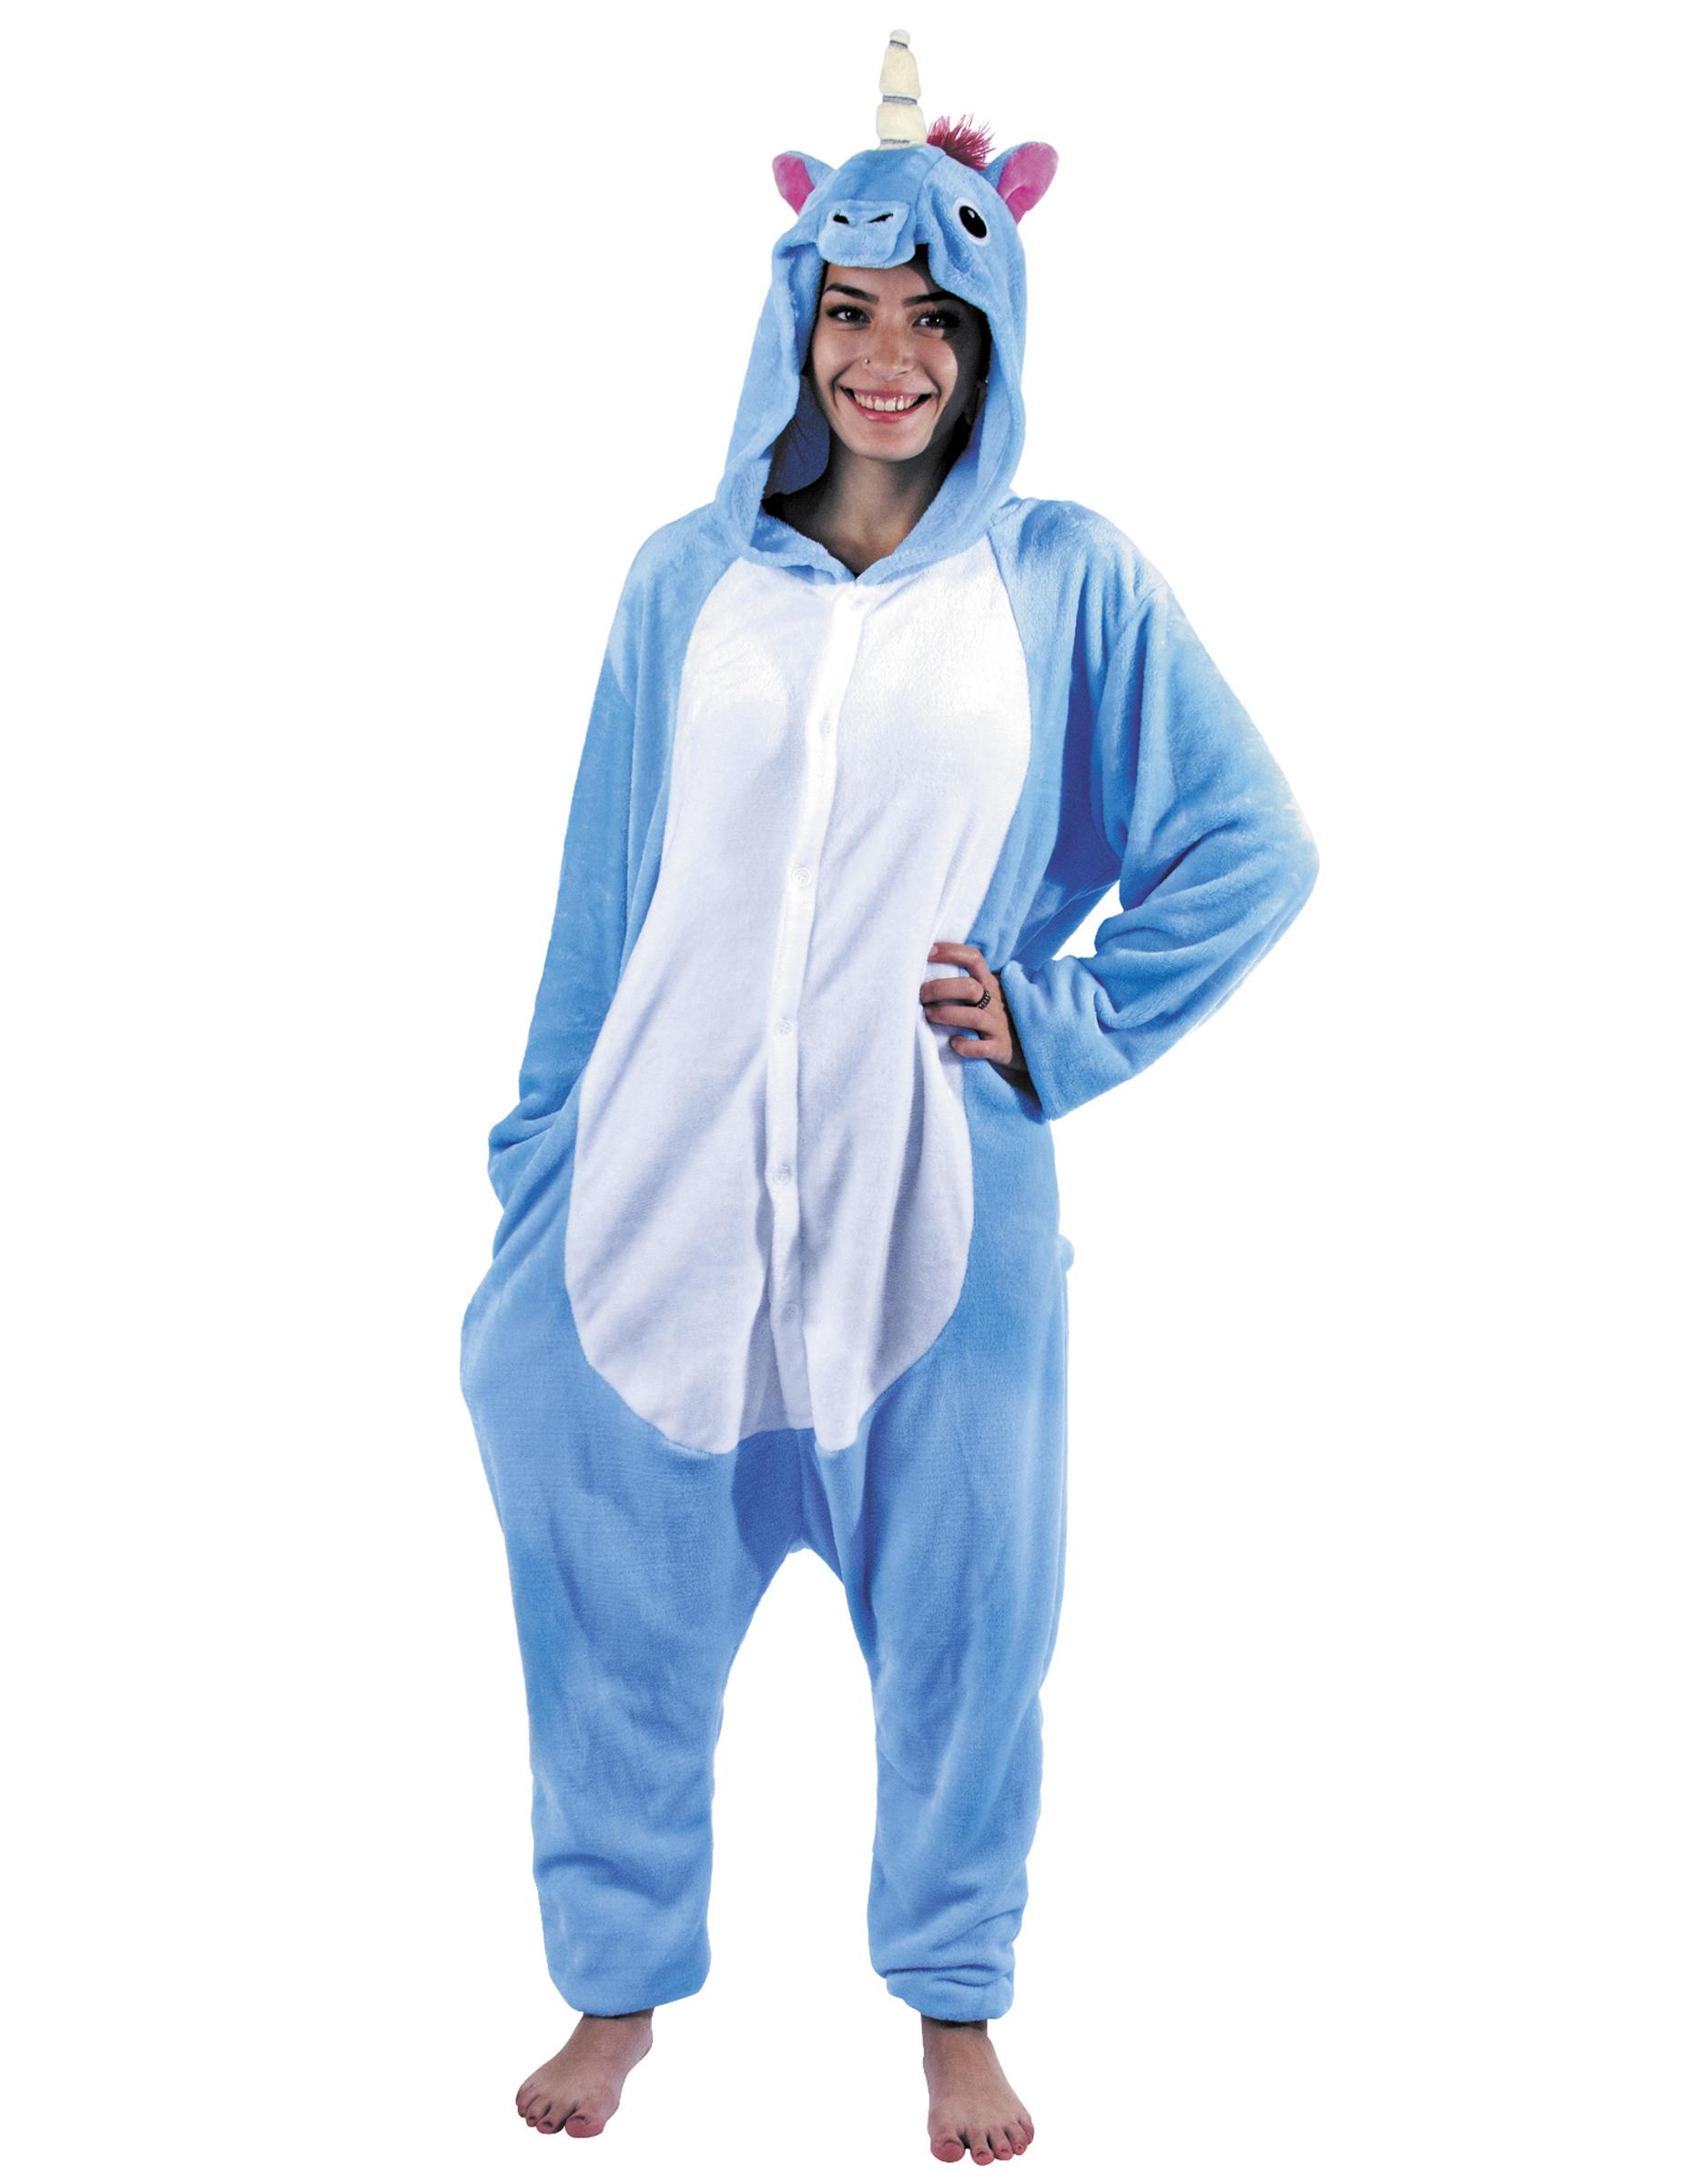 estetica di lusso ordinare on-line originale Costume tuta integrale da unicorno azzurro per adulto